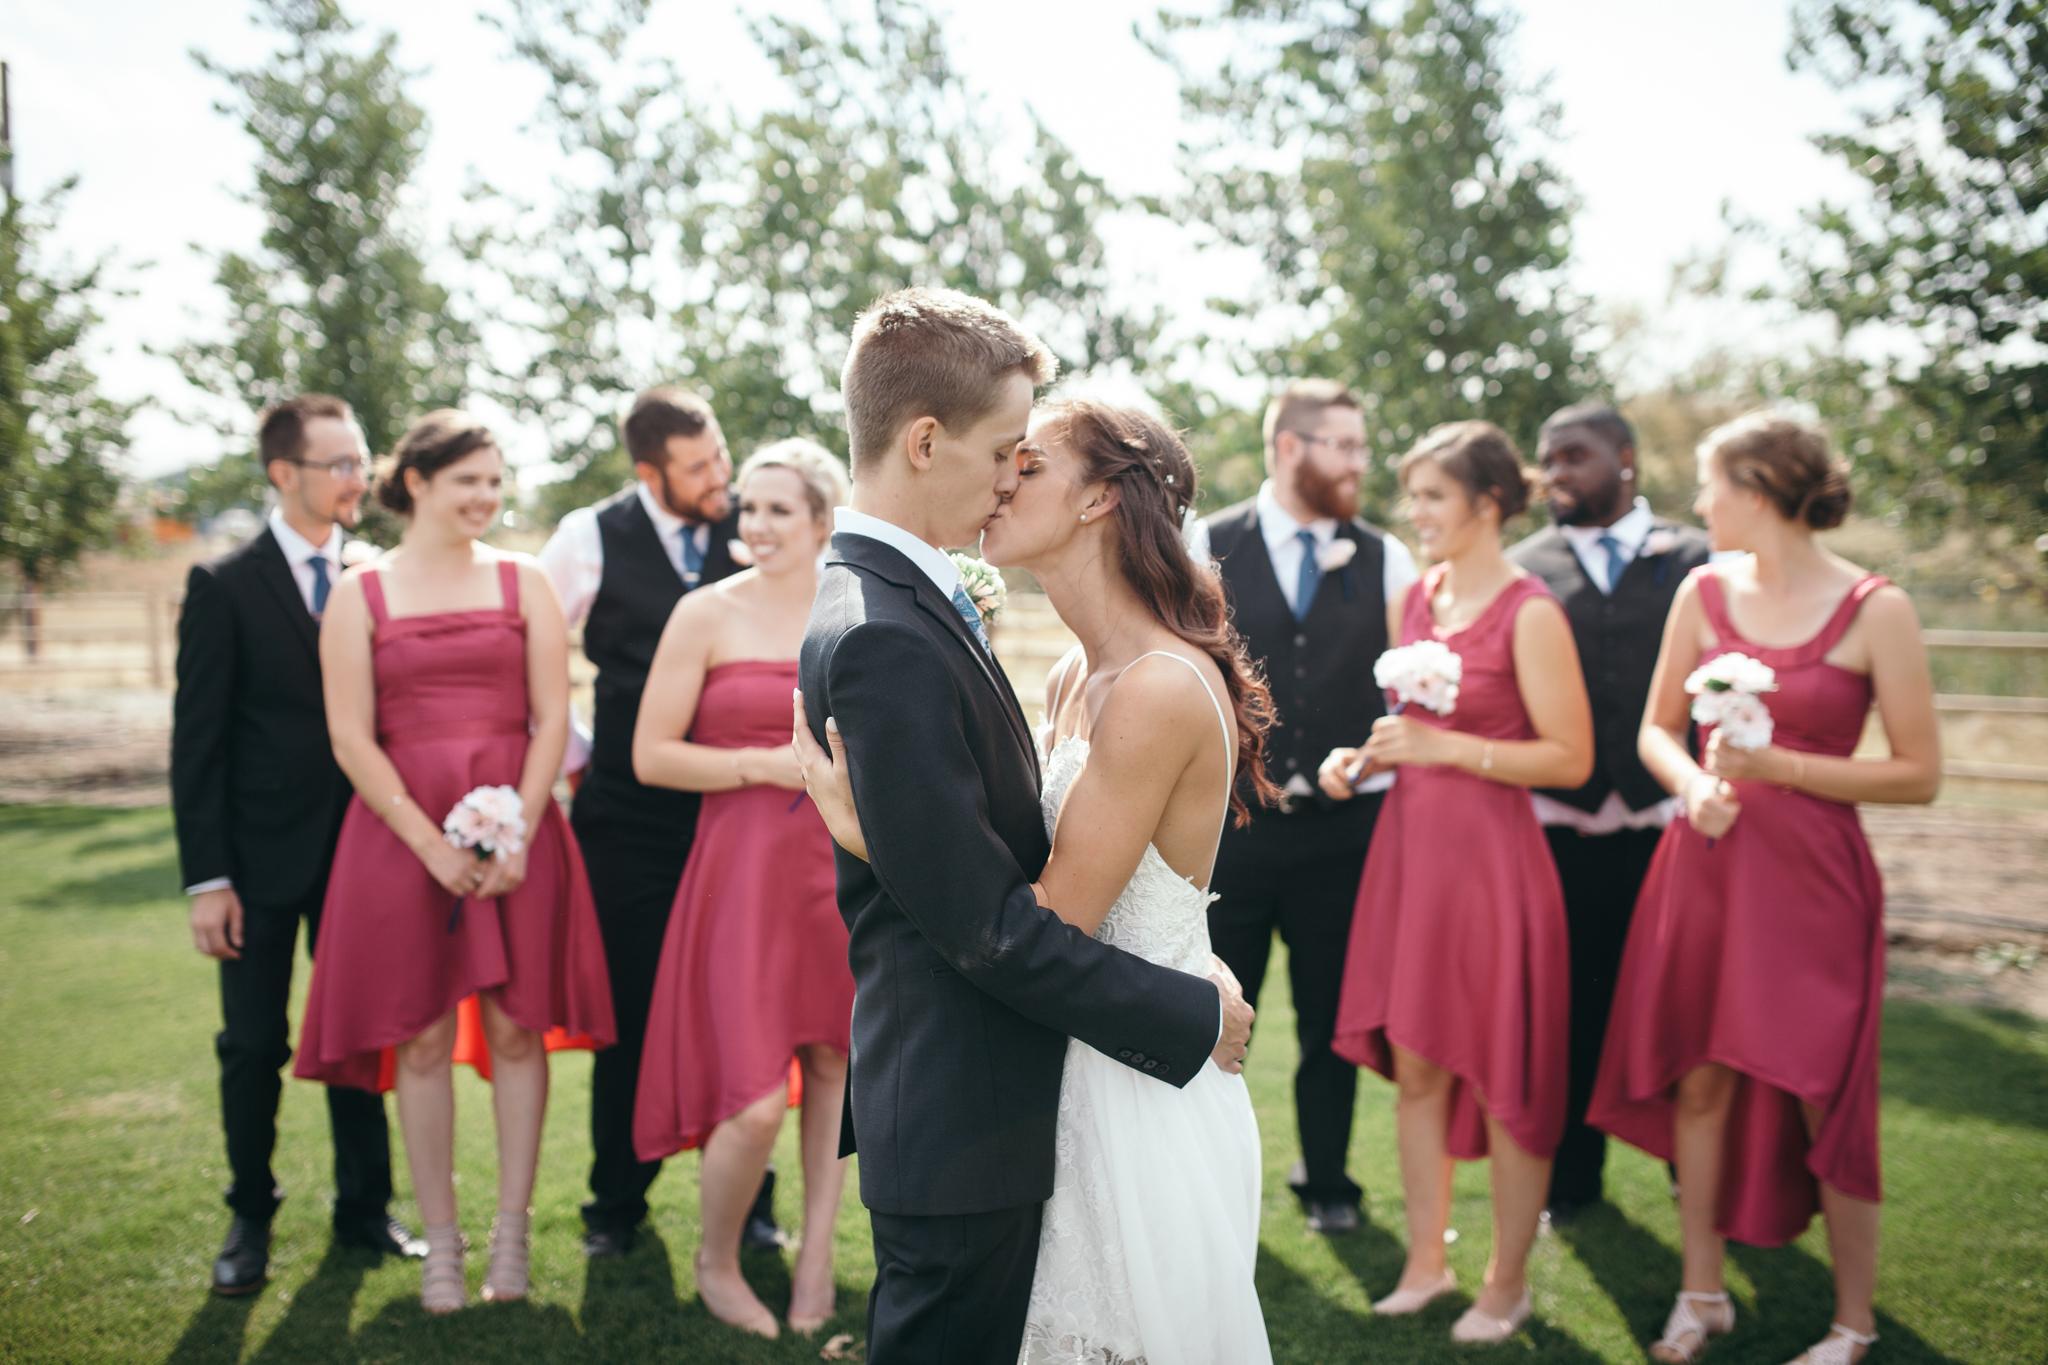 Ingram_Wedding_72-98.jpg